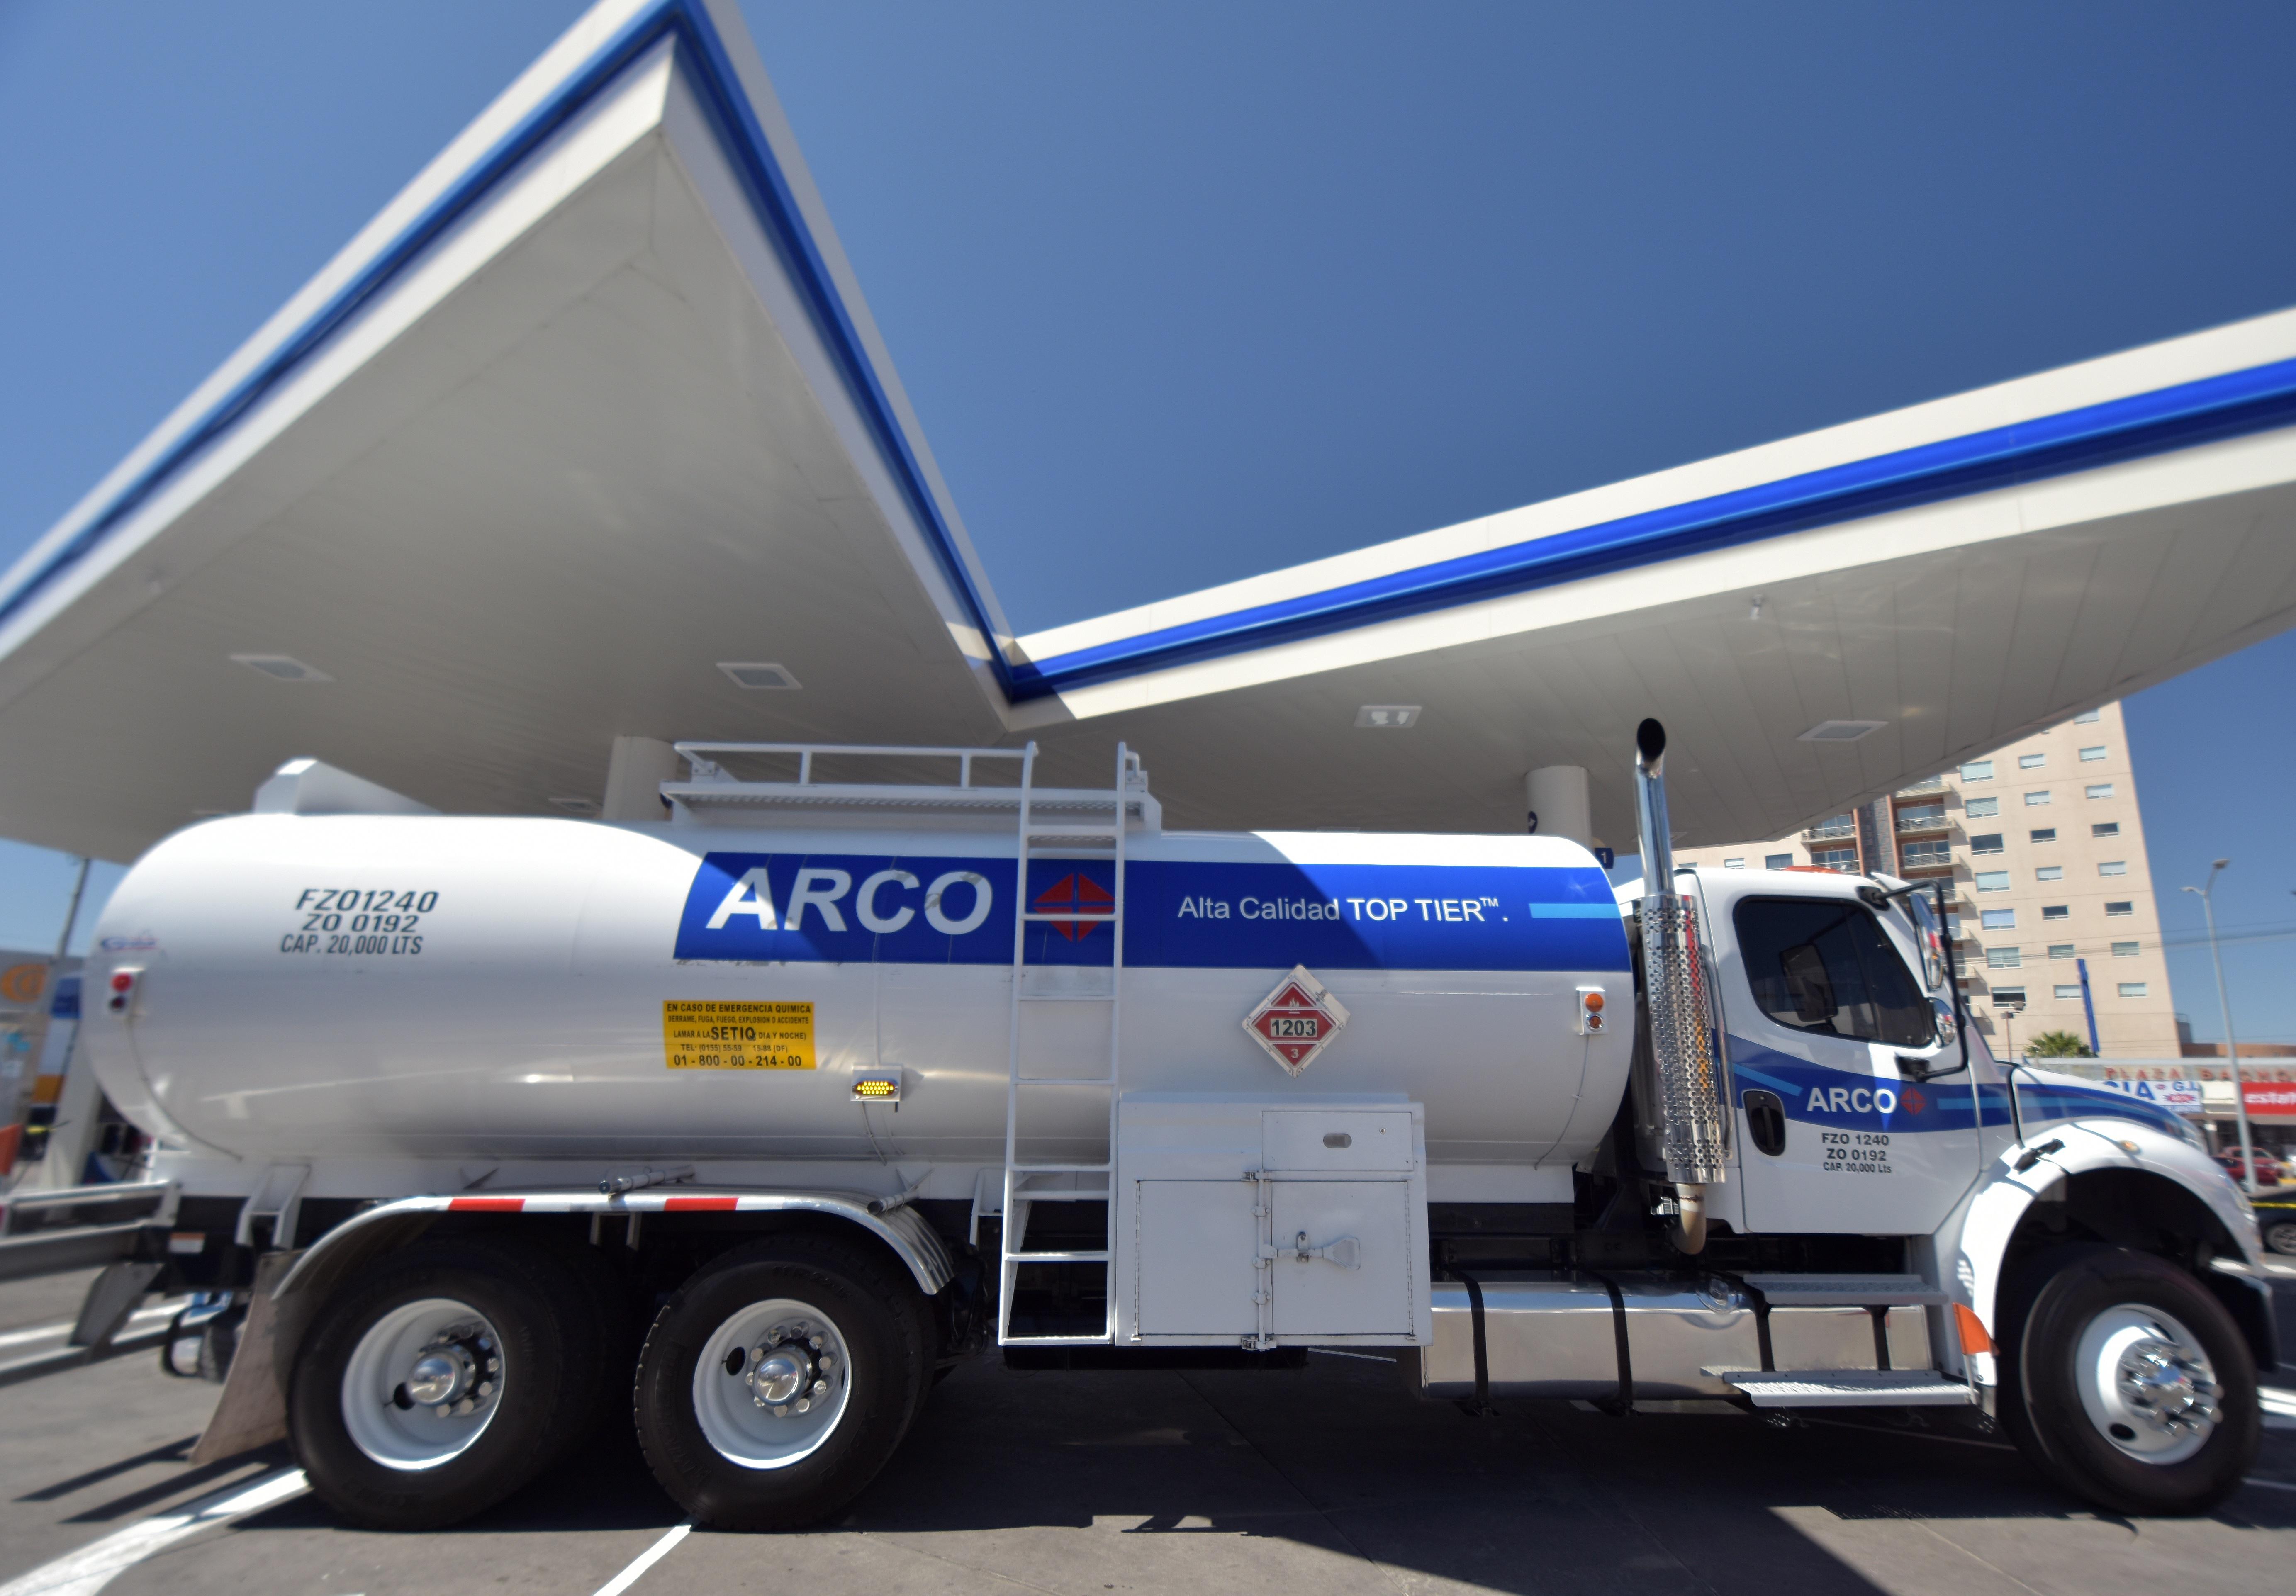 Arco responde al gobierno de AMLO por vender gasolina cara